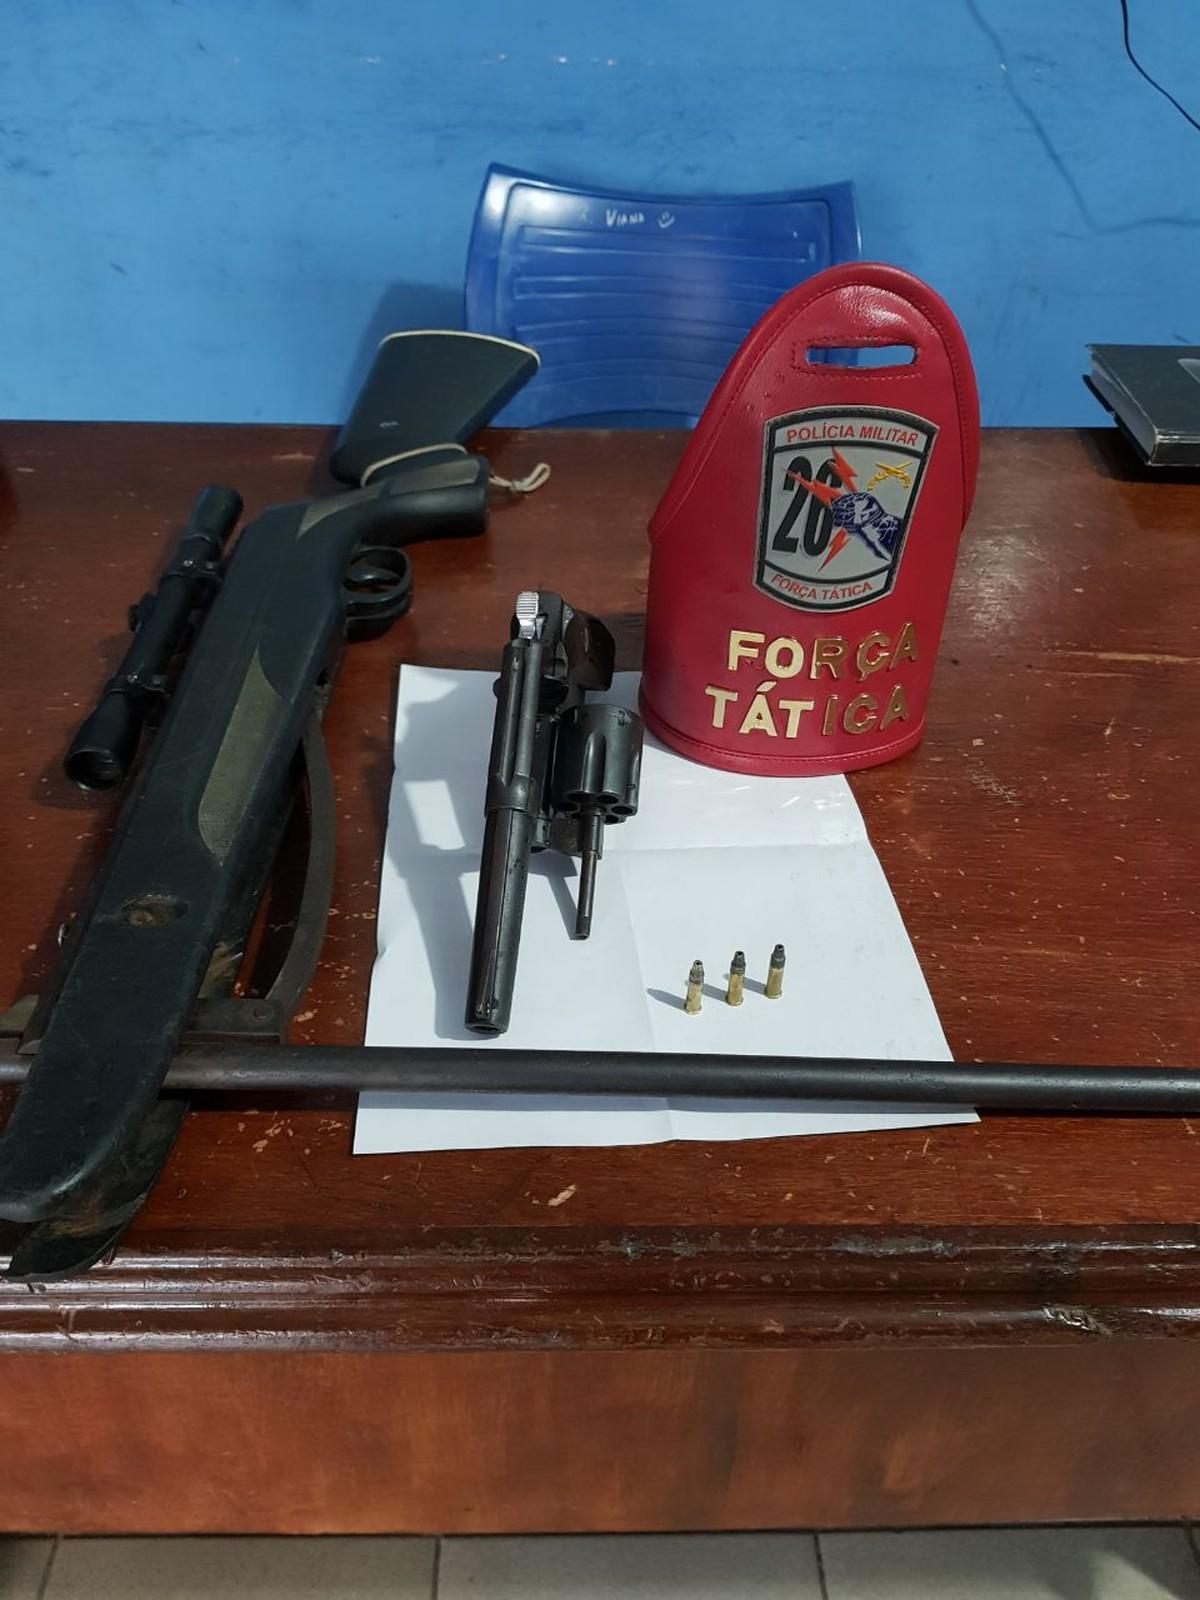 Suspeito é preso com revólver e espingarda improvisada após fugir da PM em Roraima